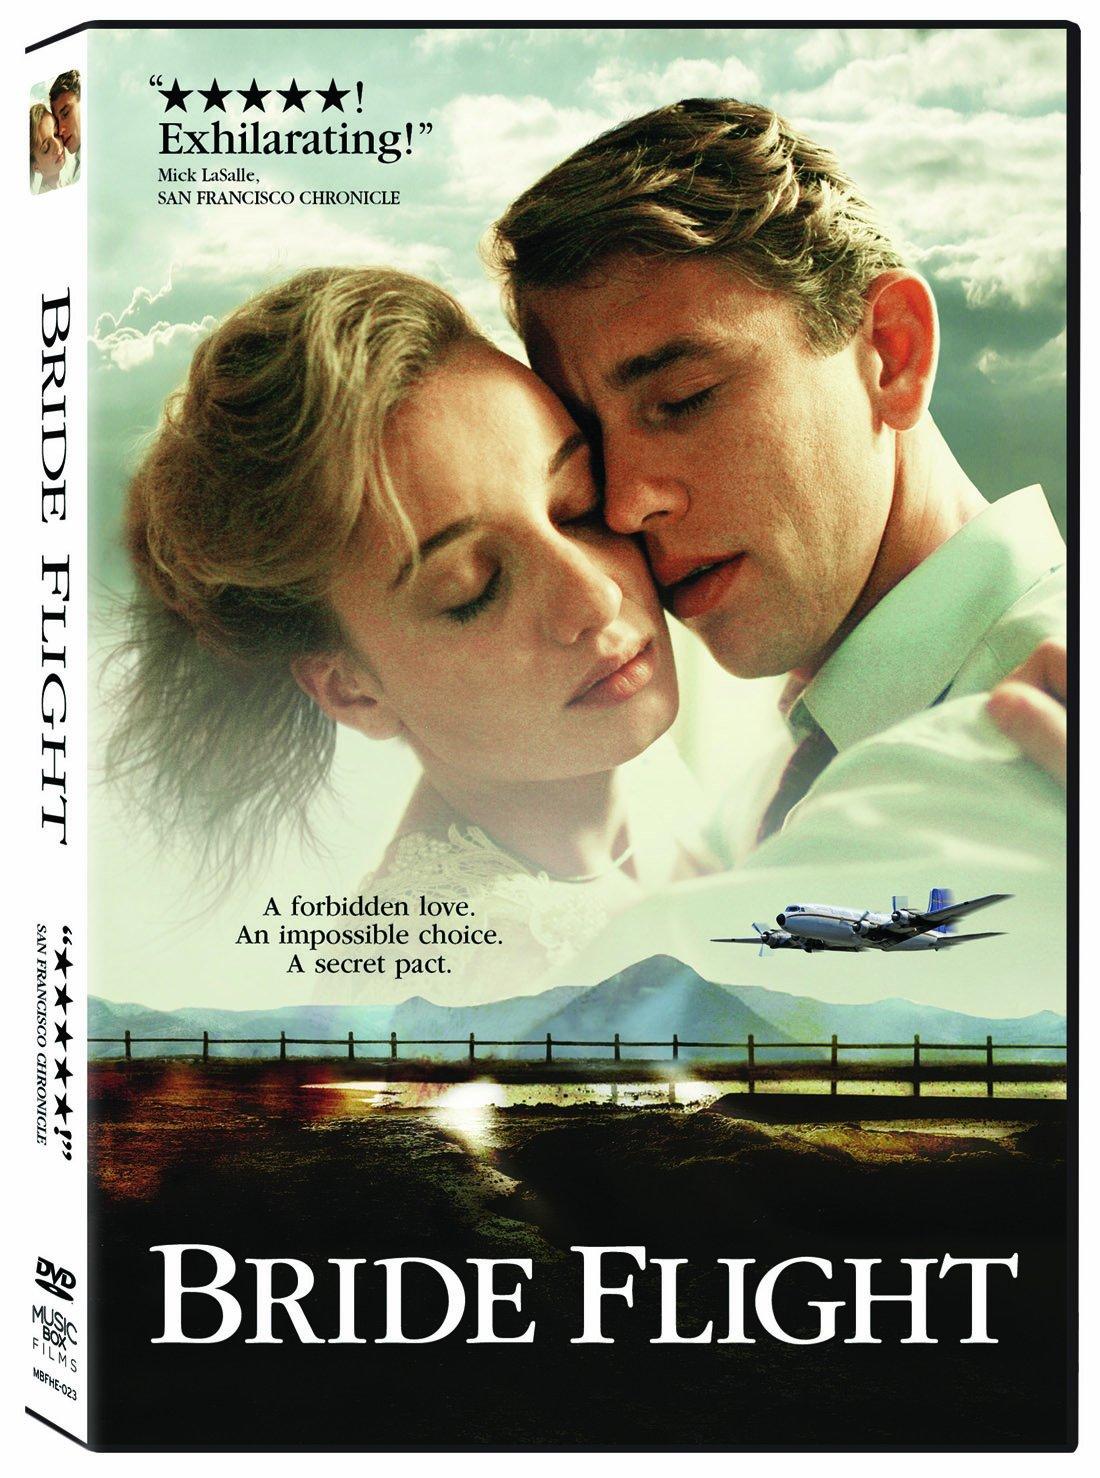 DVD : Bride Flight (Widescreen, Subtitled)